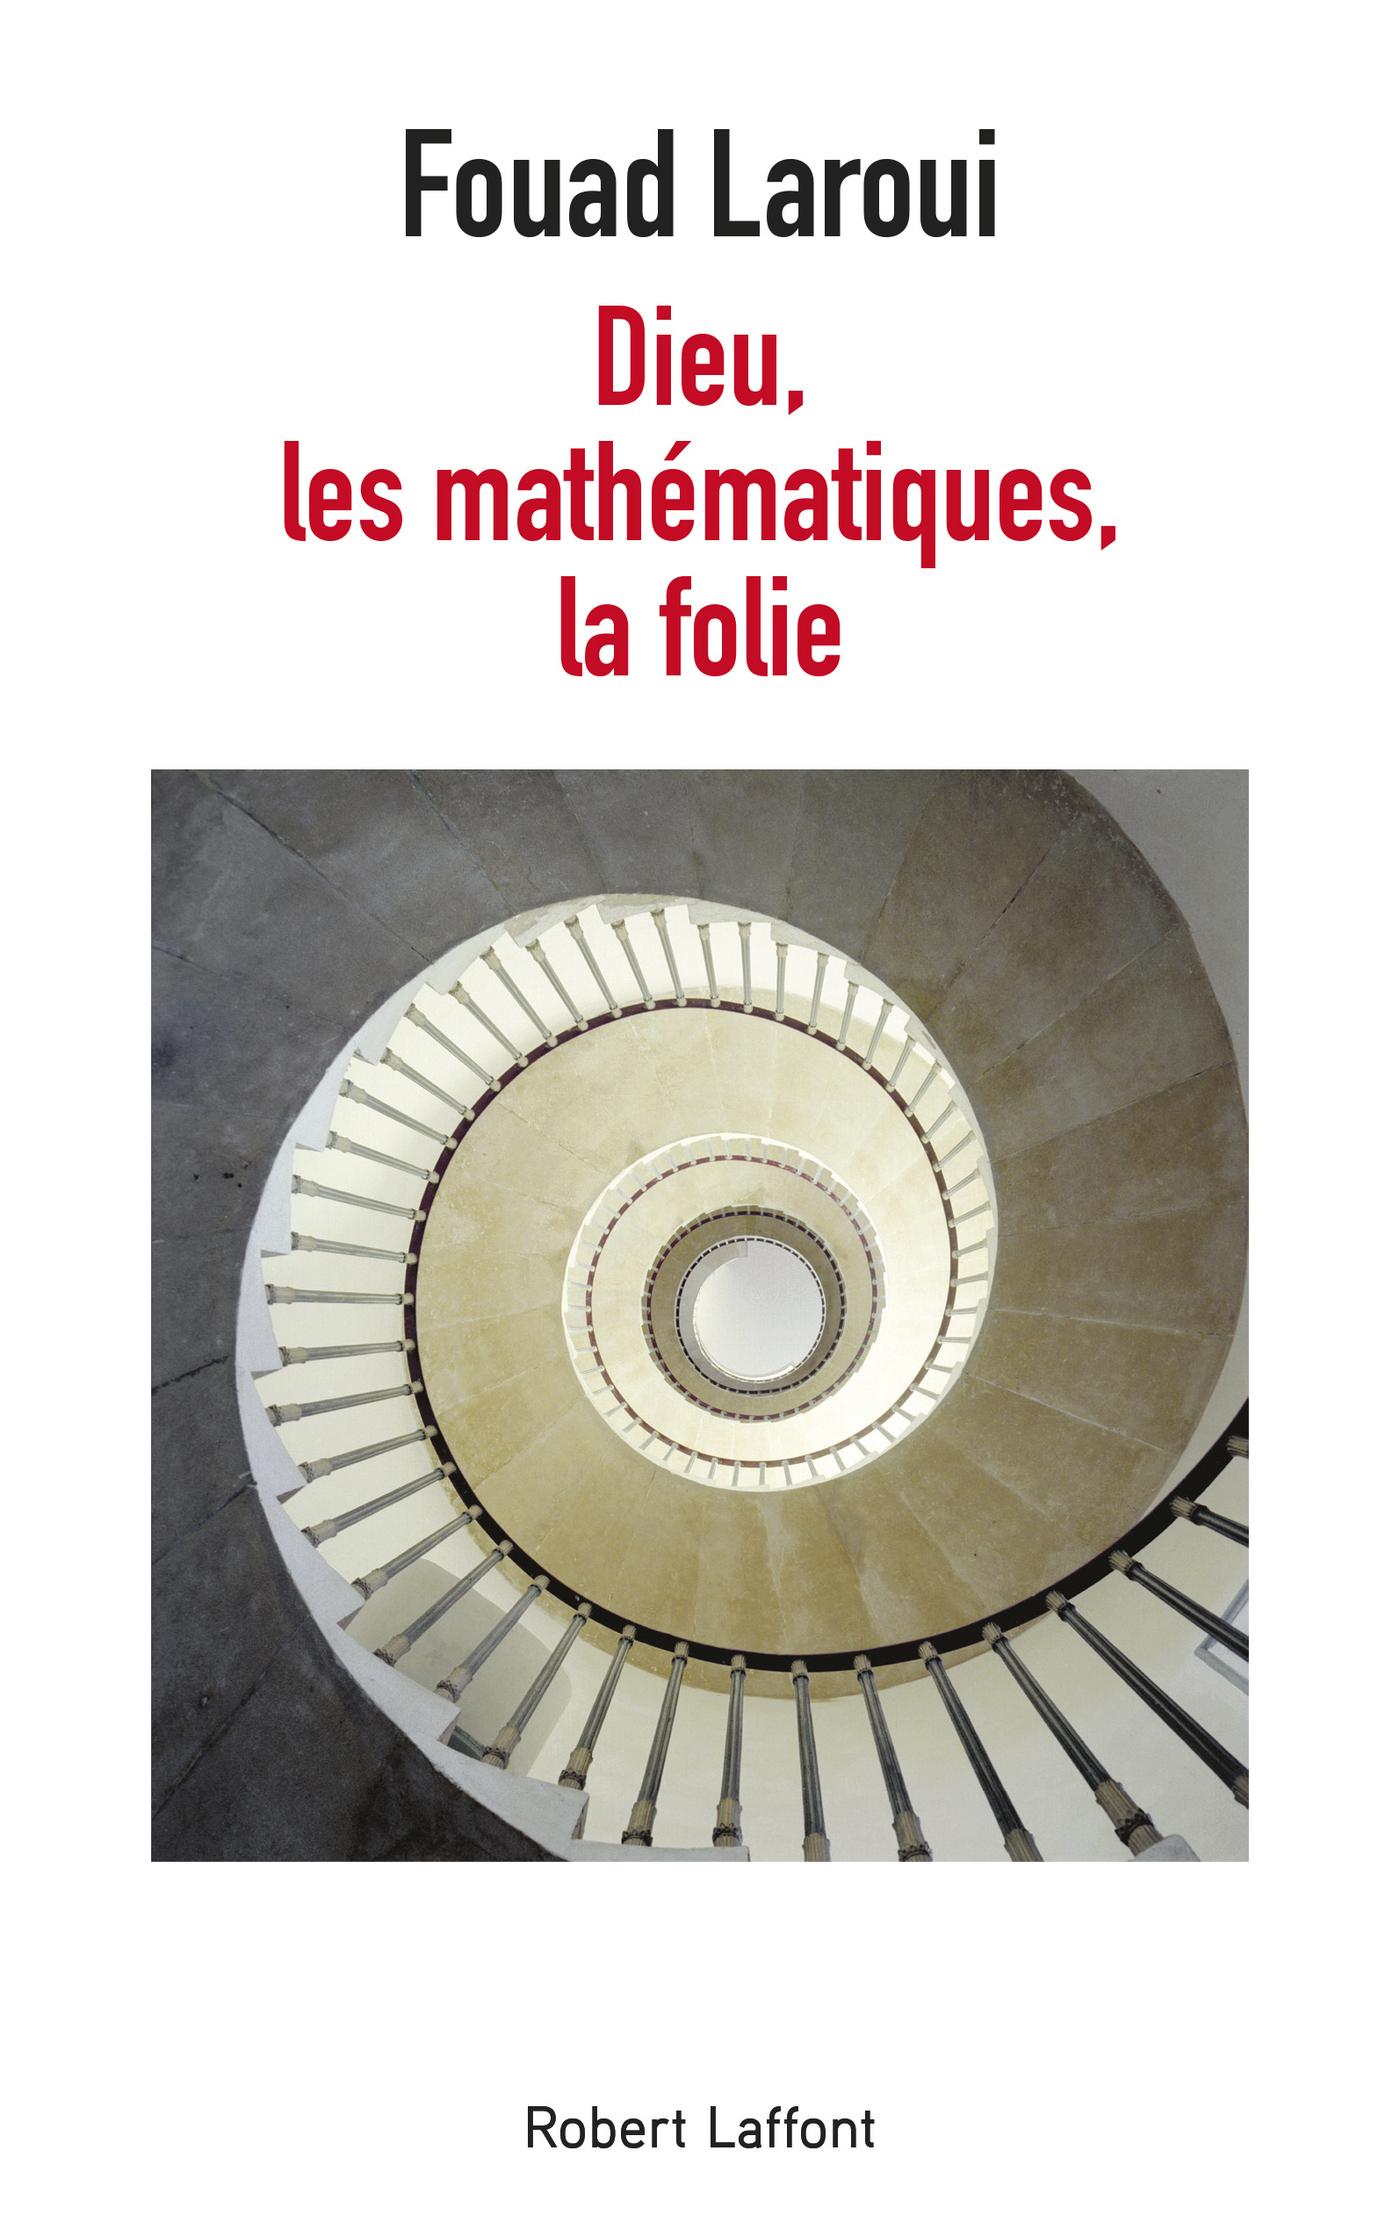 Dieu, les mathématiques, la folie | LAROUI, Fouad